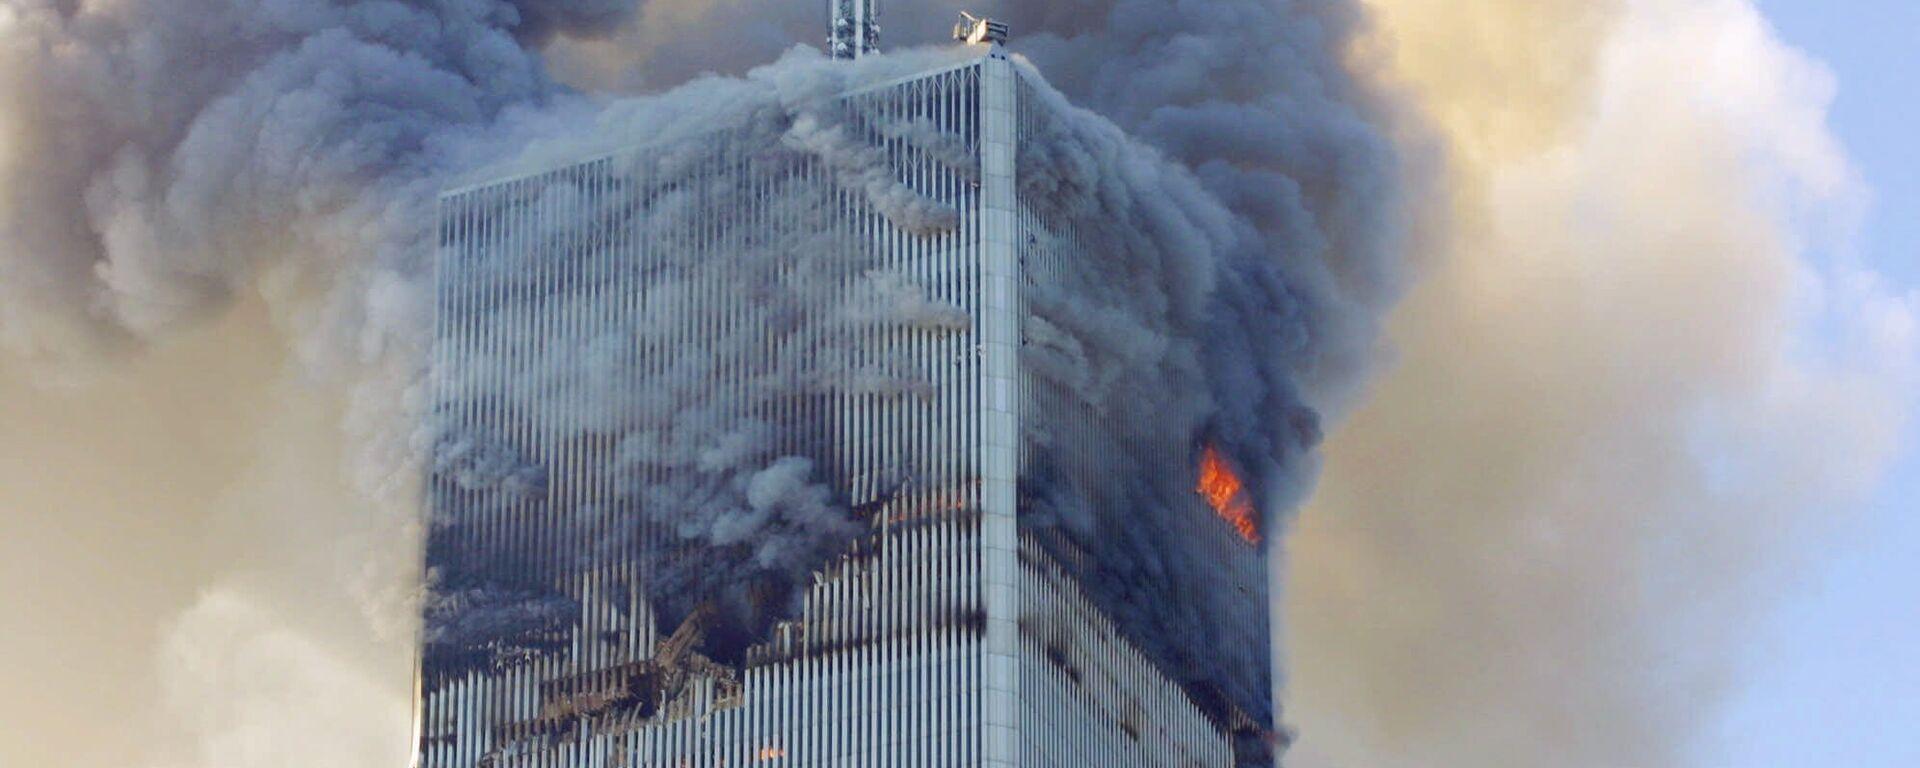 Attentato di Al Qaeda l'11 settembre 2001 al World Trade Center, New York - USA - Sputnik Italia, 1920, 10.09.2021